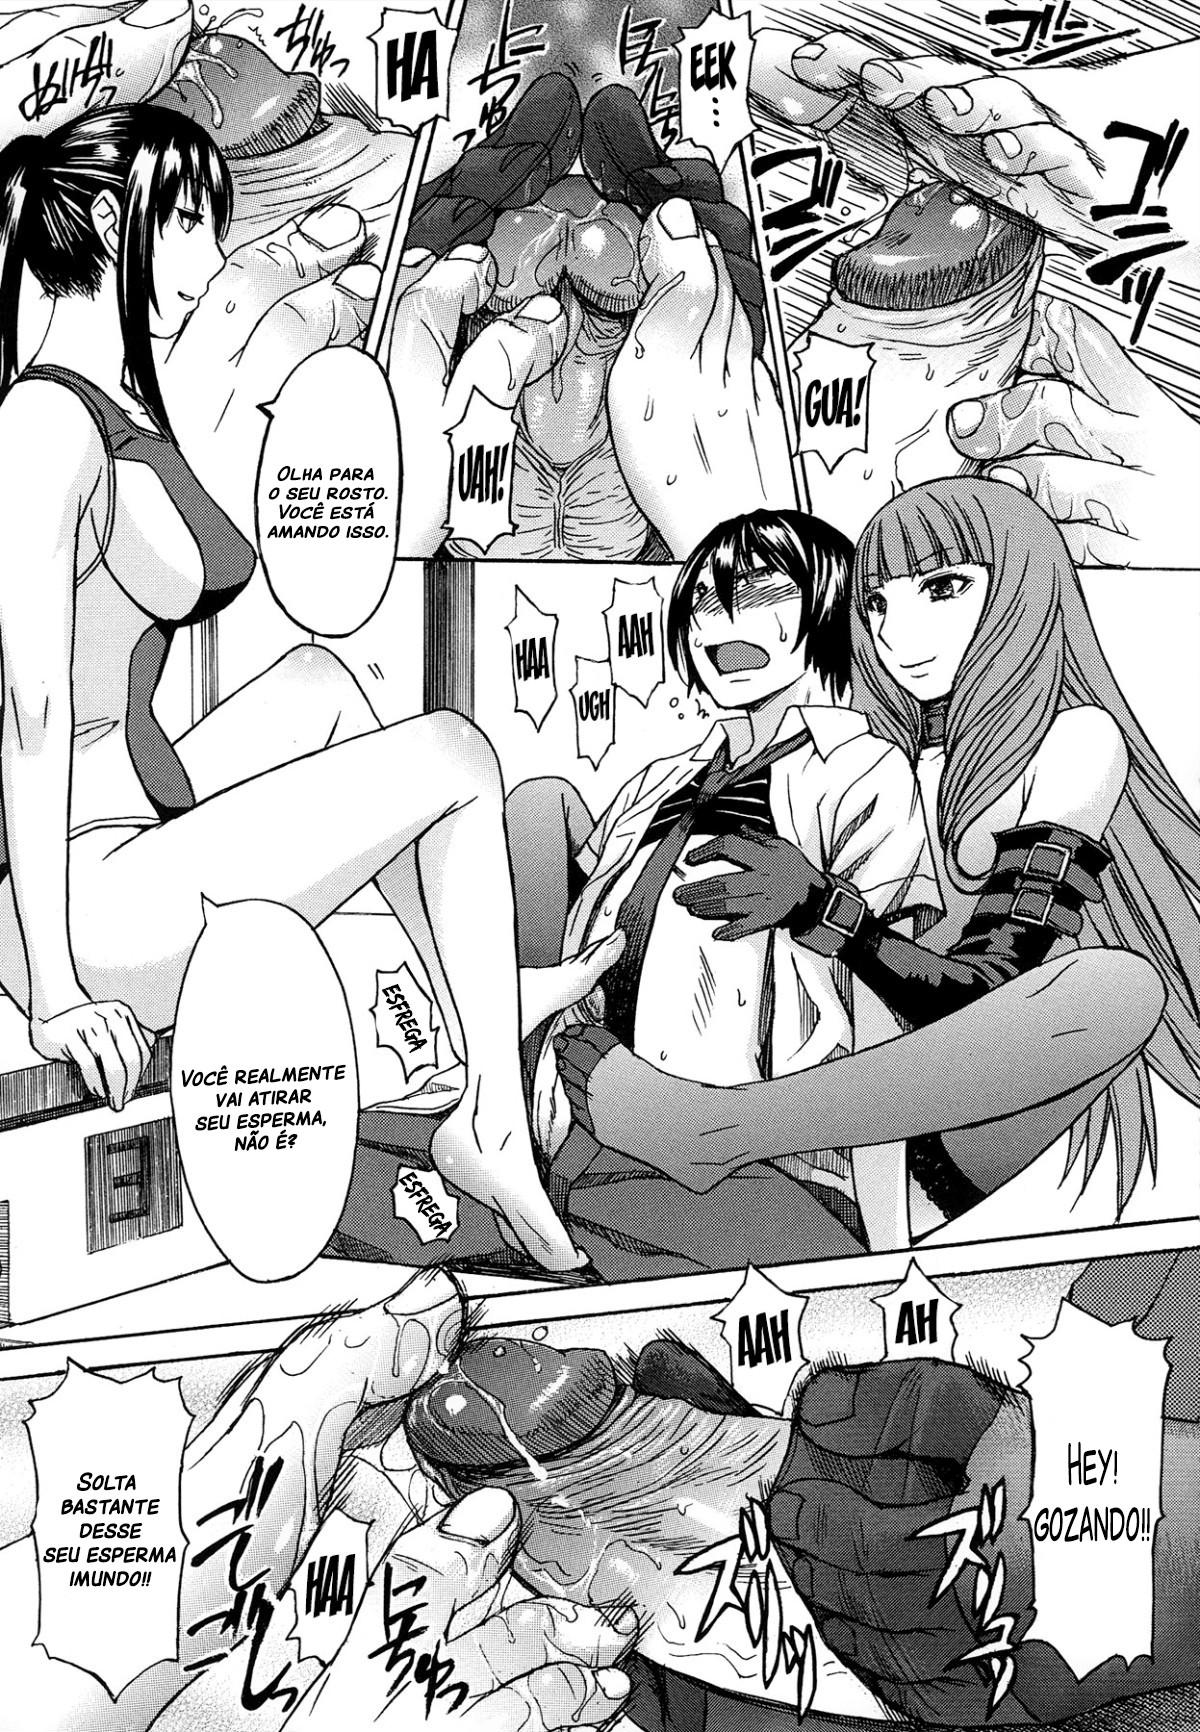 Ashigami Capitulo 3 - pagina 15